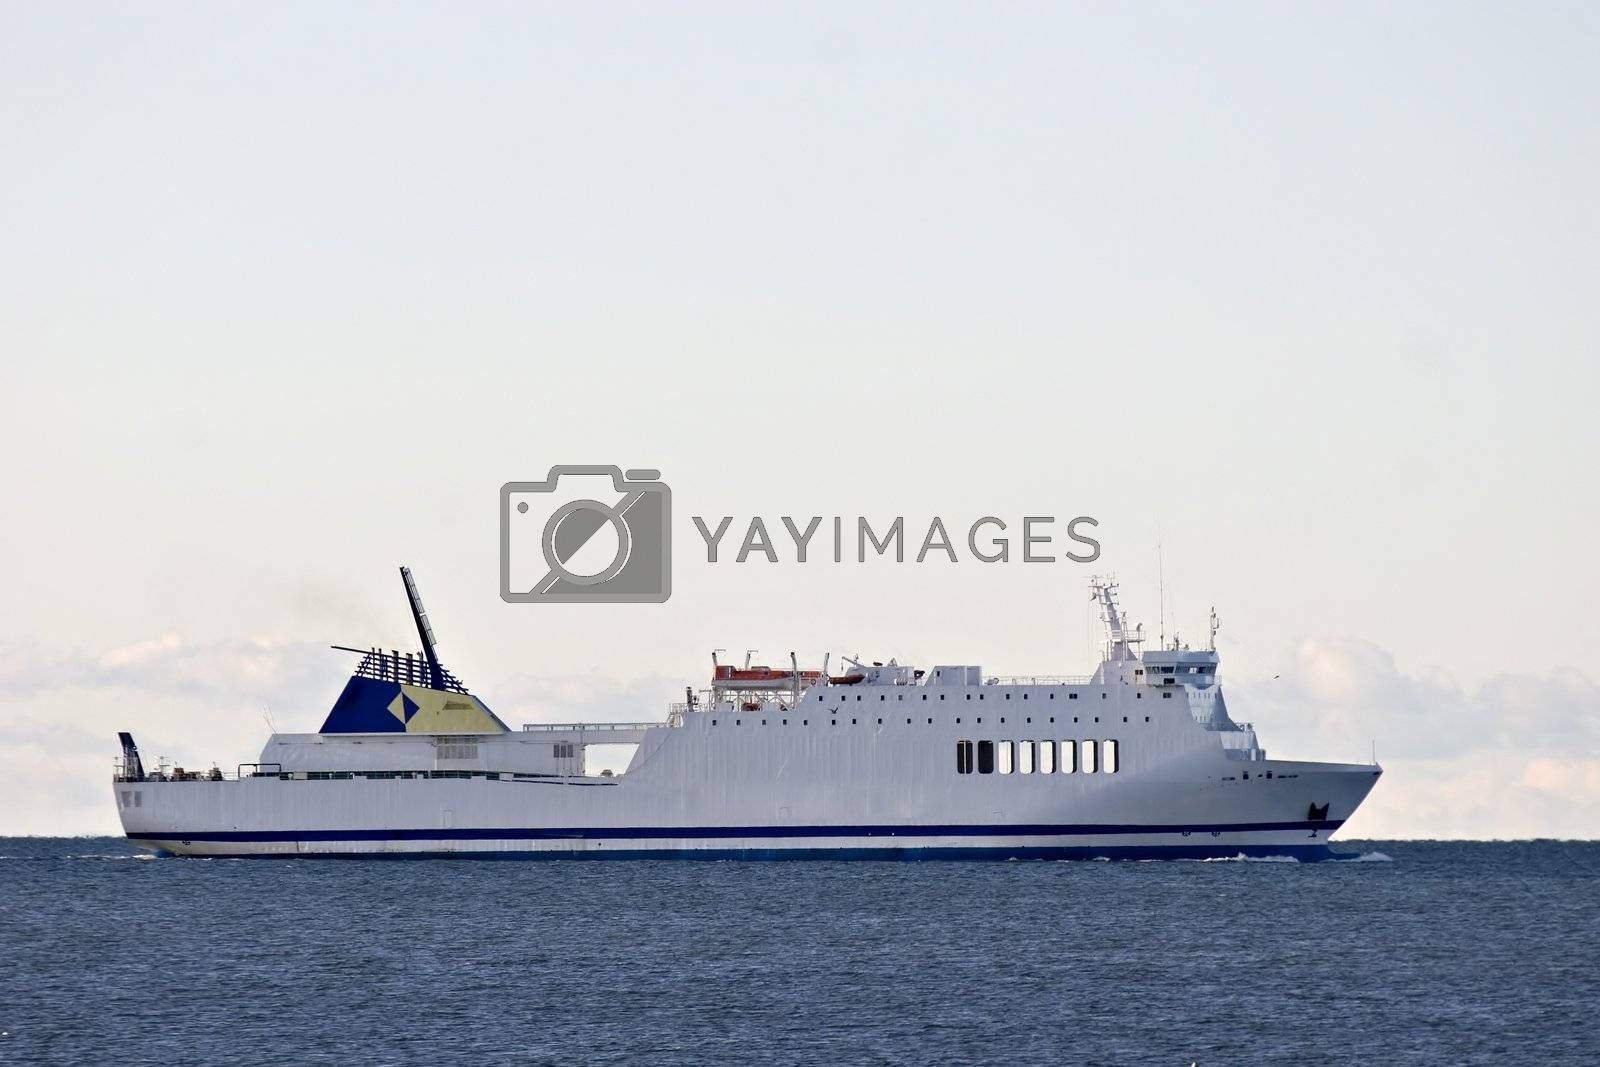 Ferry boat in Sweden